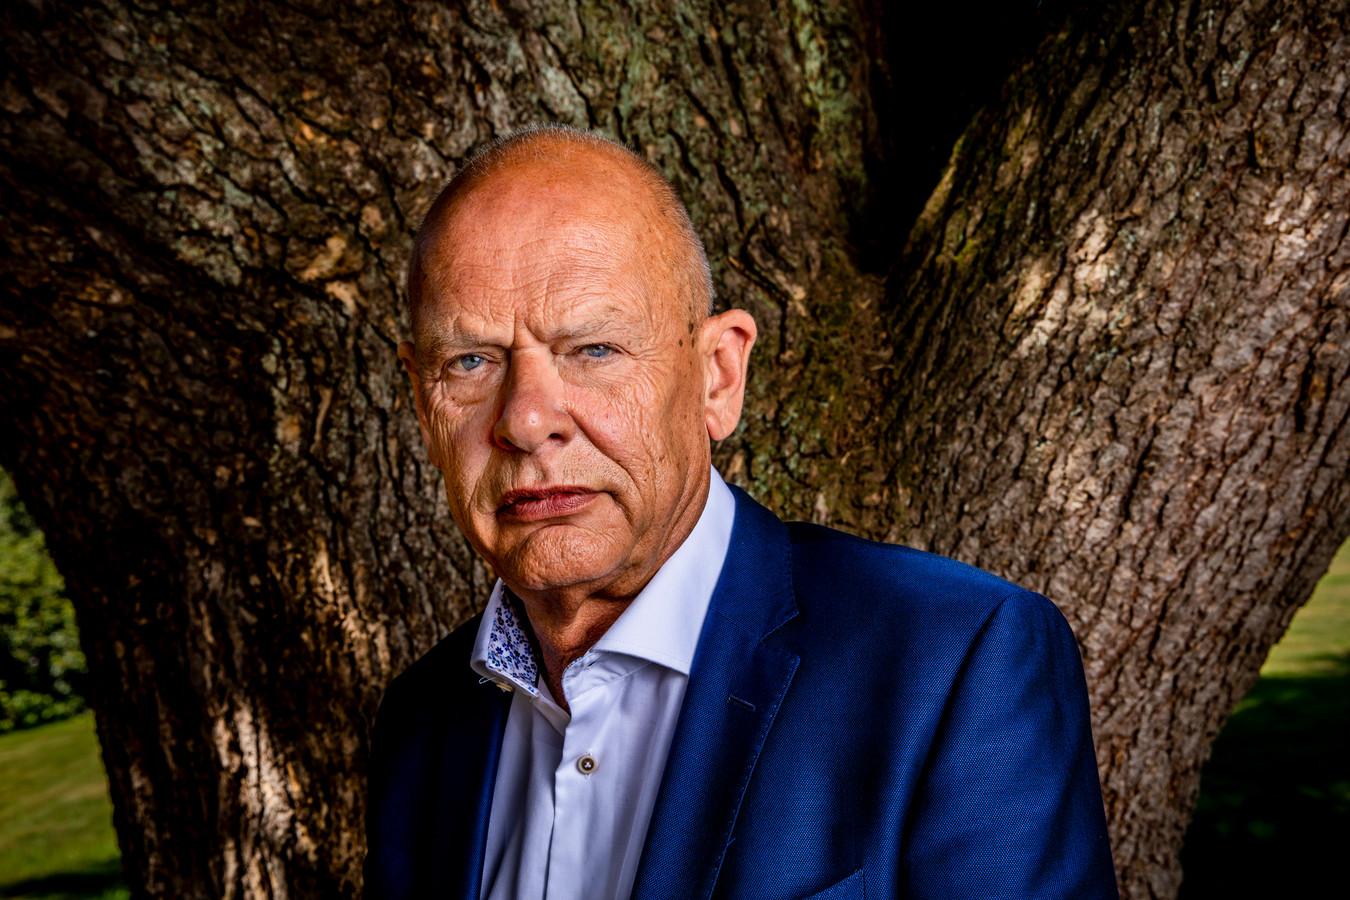 Pluryn-topman Karel Verweij kreeg veel over zich heen door de sluiting van jeugdzorginstelling De Hoenderloo Groep. ,,Wij liggen al een halfjaar onder het vergrootglas van alles en iedereen, ook van de media. Wat we nu willen, is rust.''